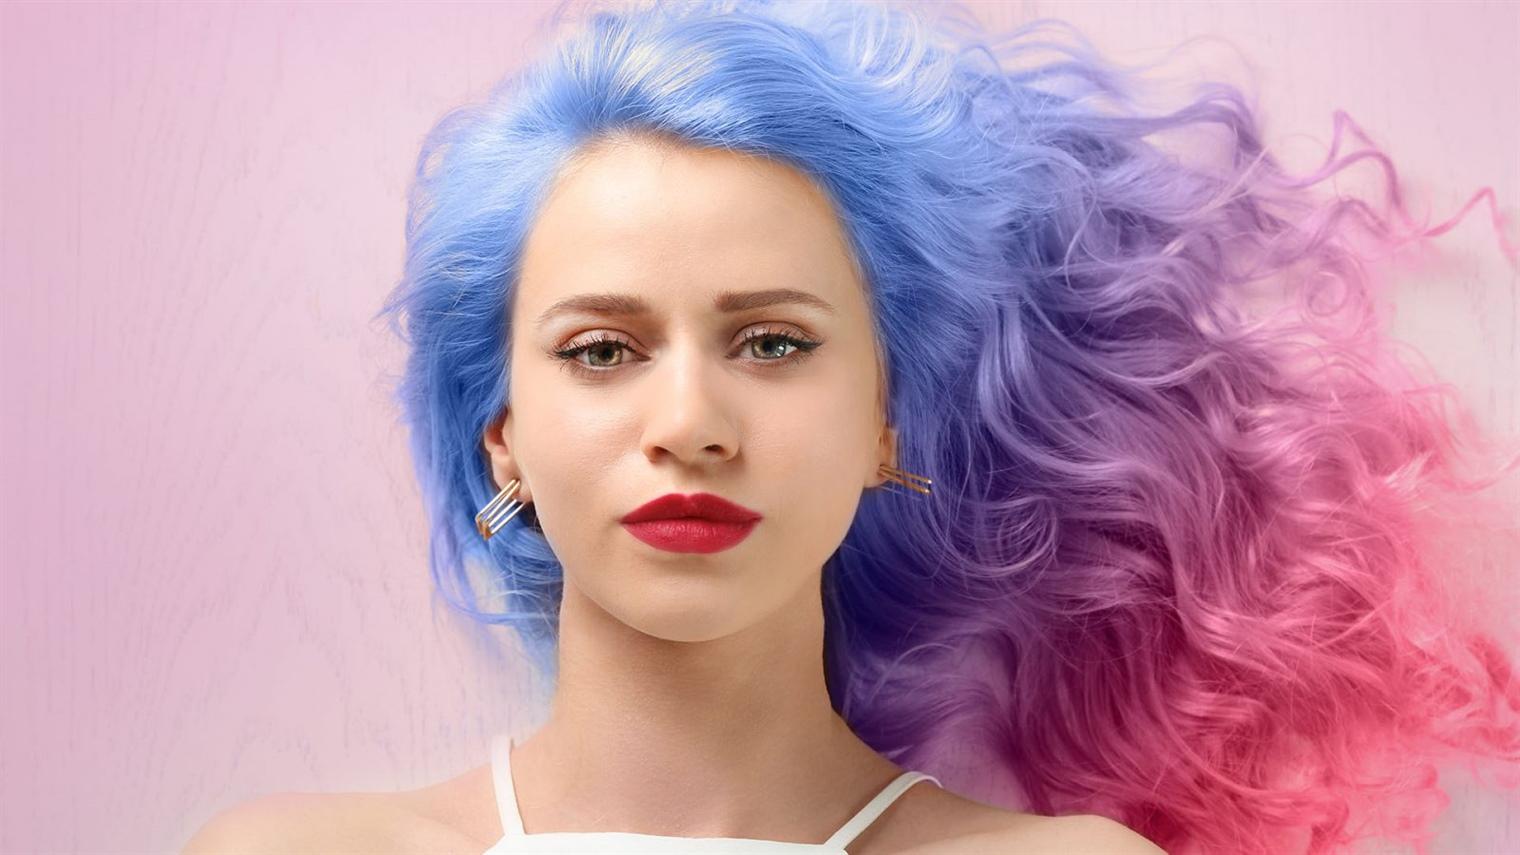 Haarfarben Trends 2020-2021 Ausgezeichnet - FrsRen